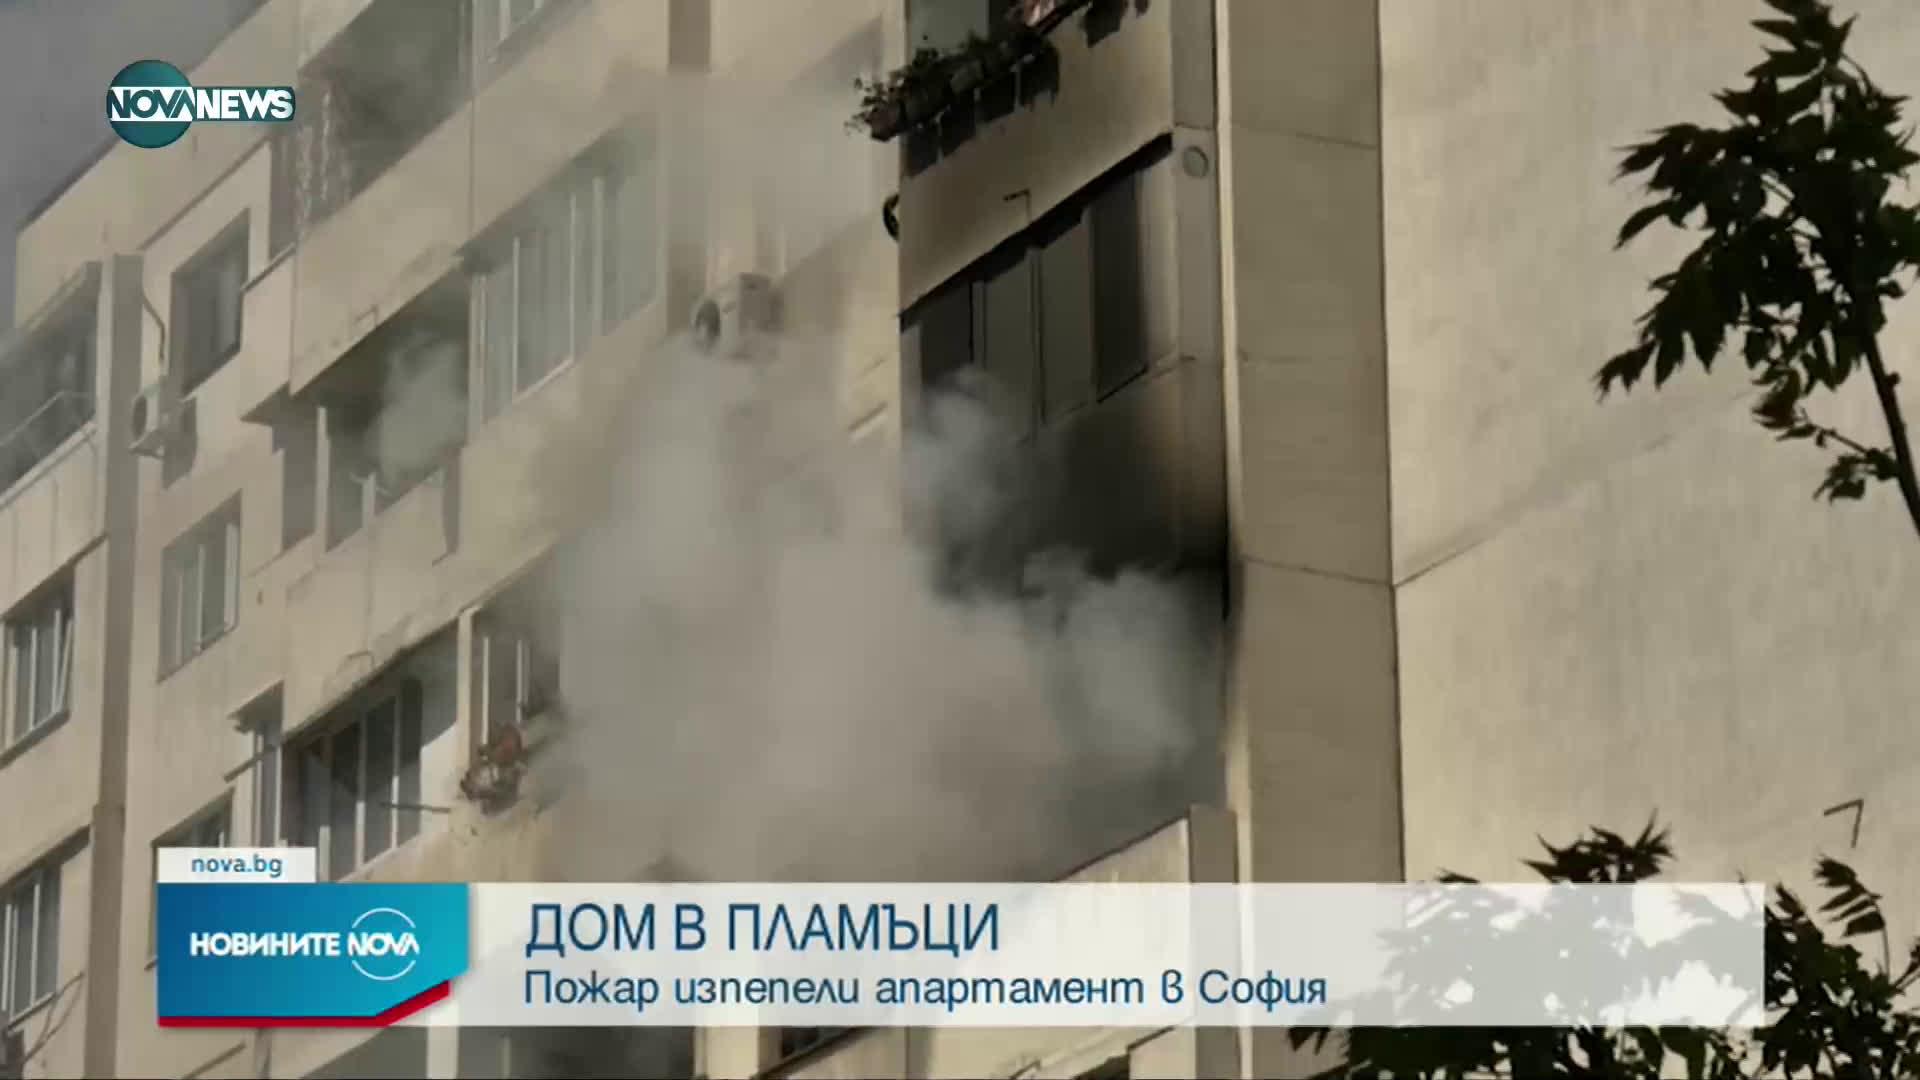 Пожар изпепели апартамент в София